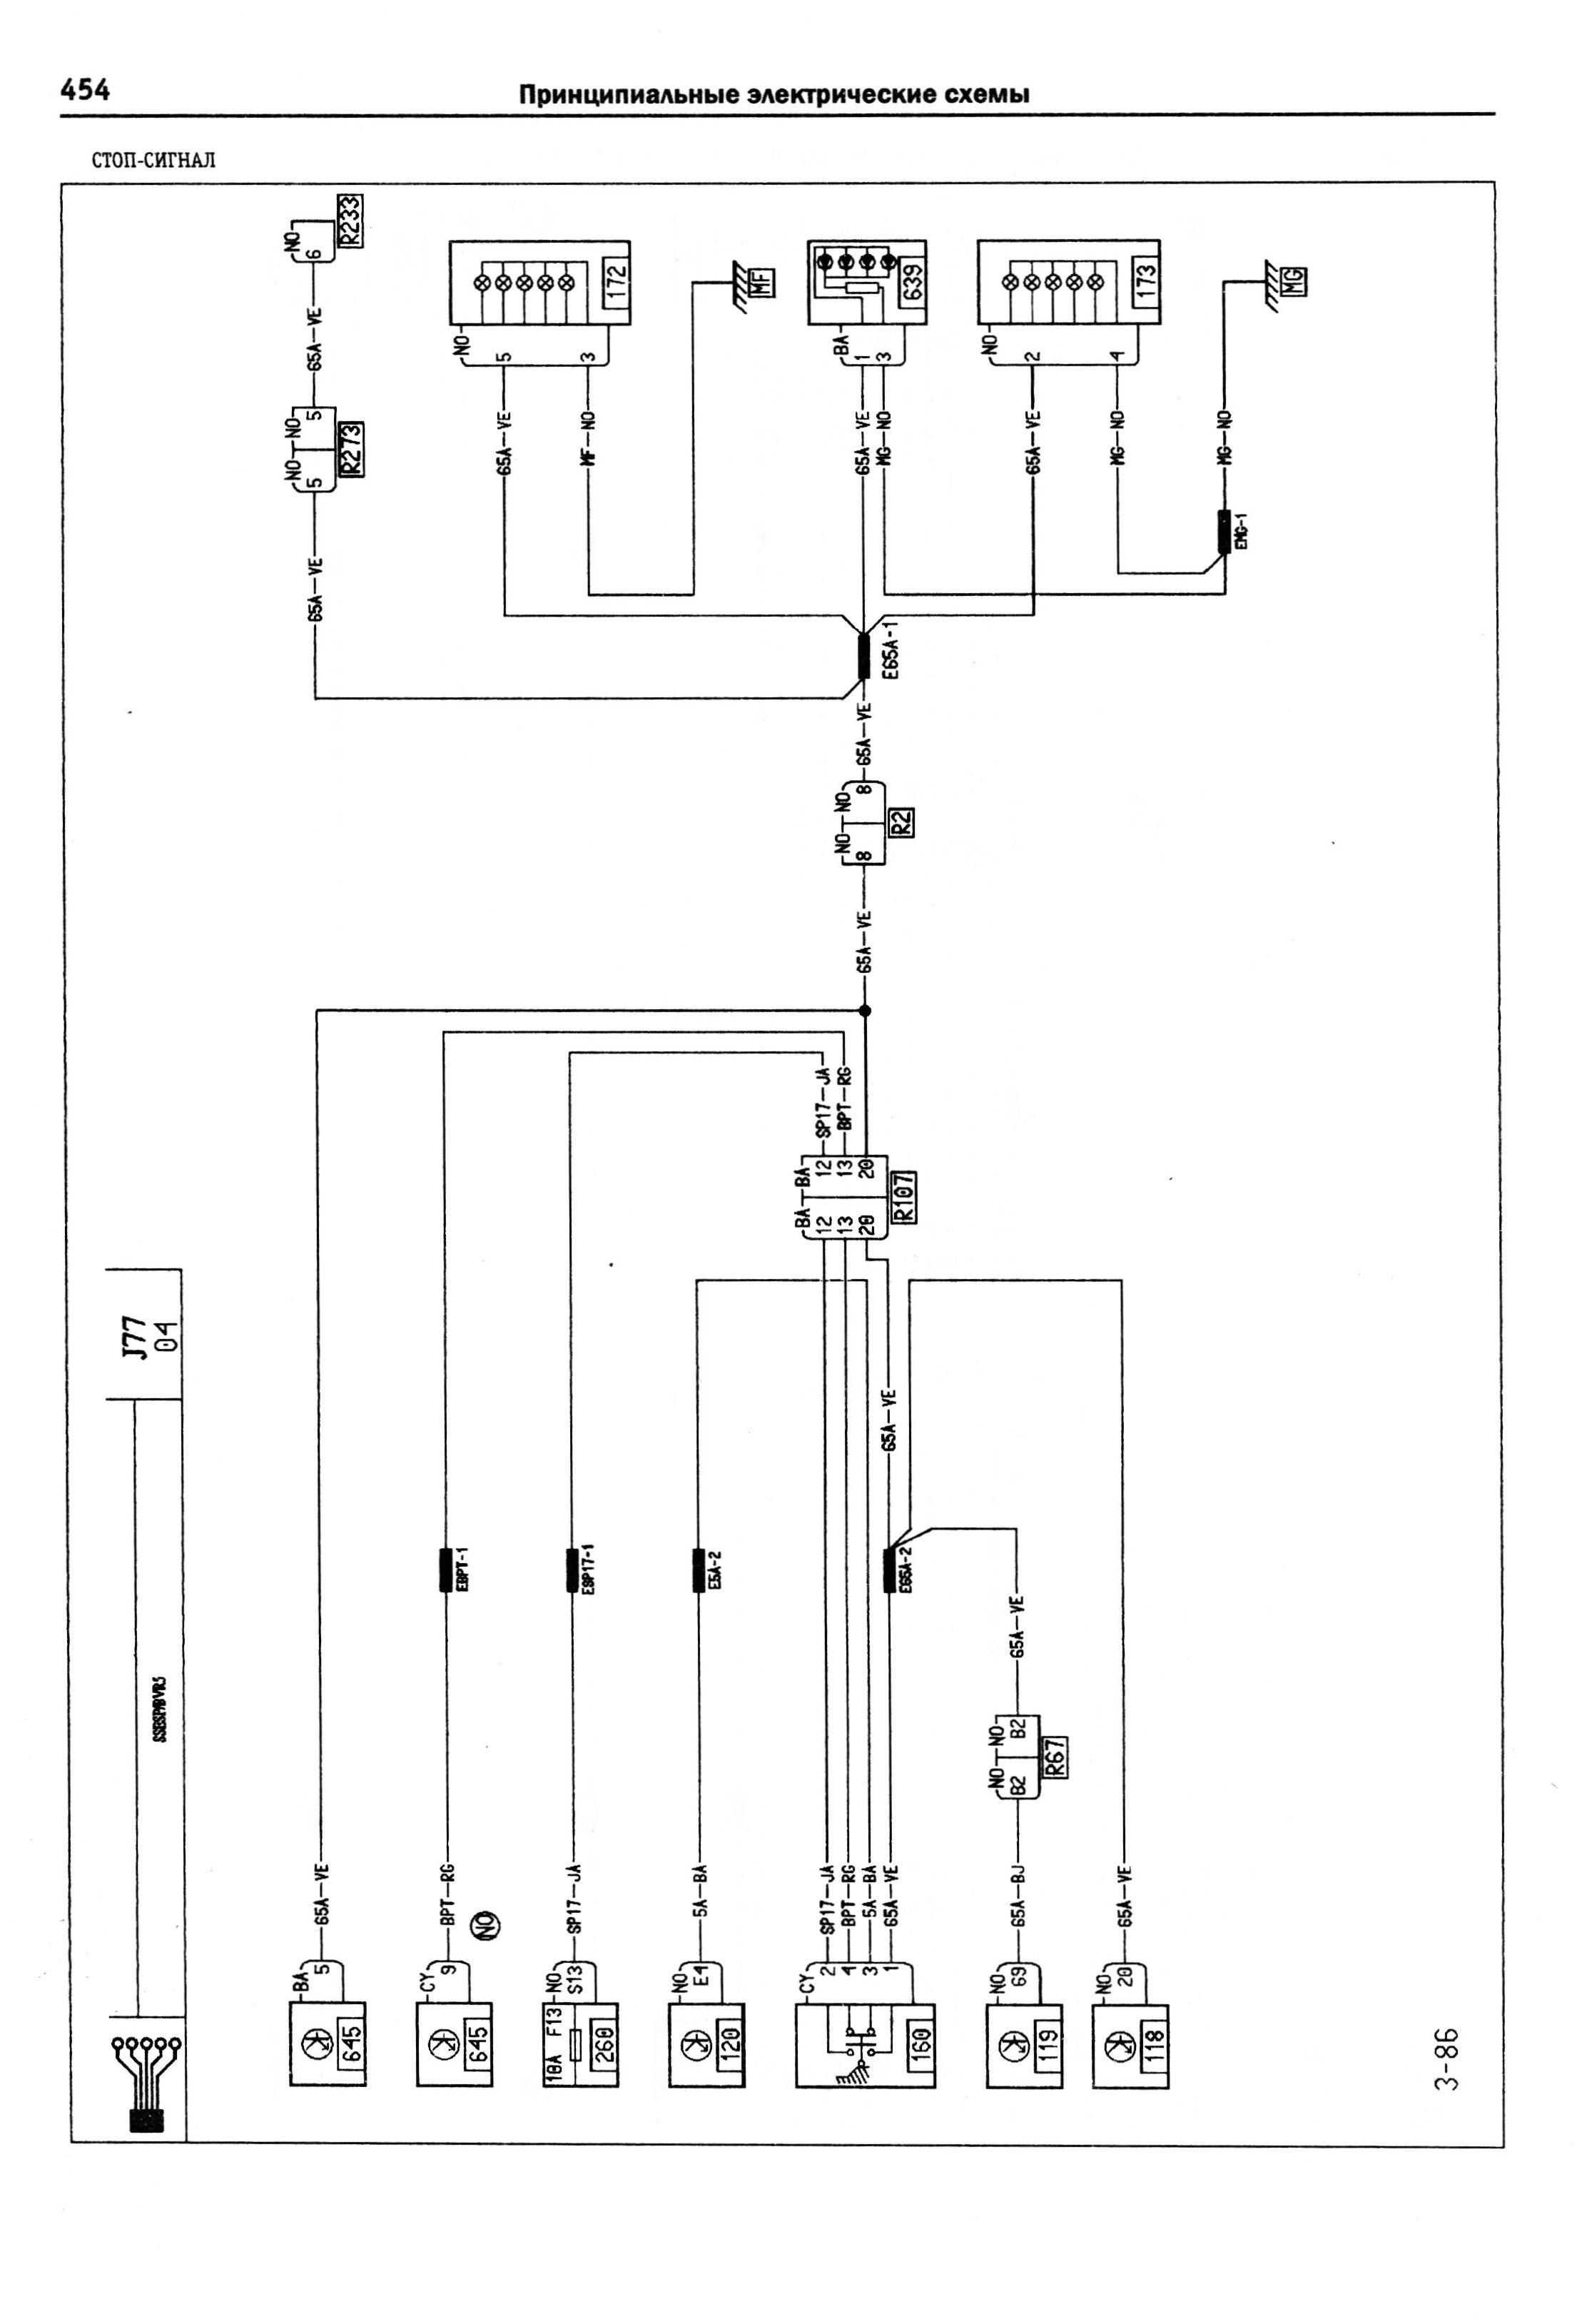 Звуковой сигнал Рено Логан не работает: причины пропажи звукв 67